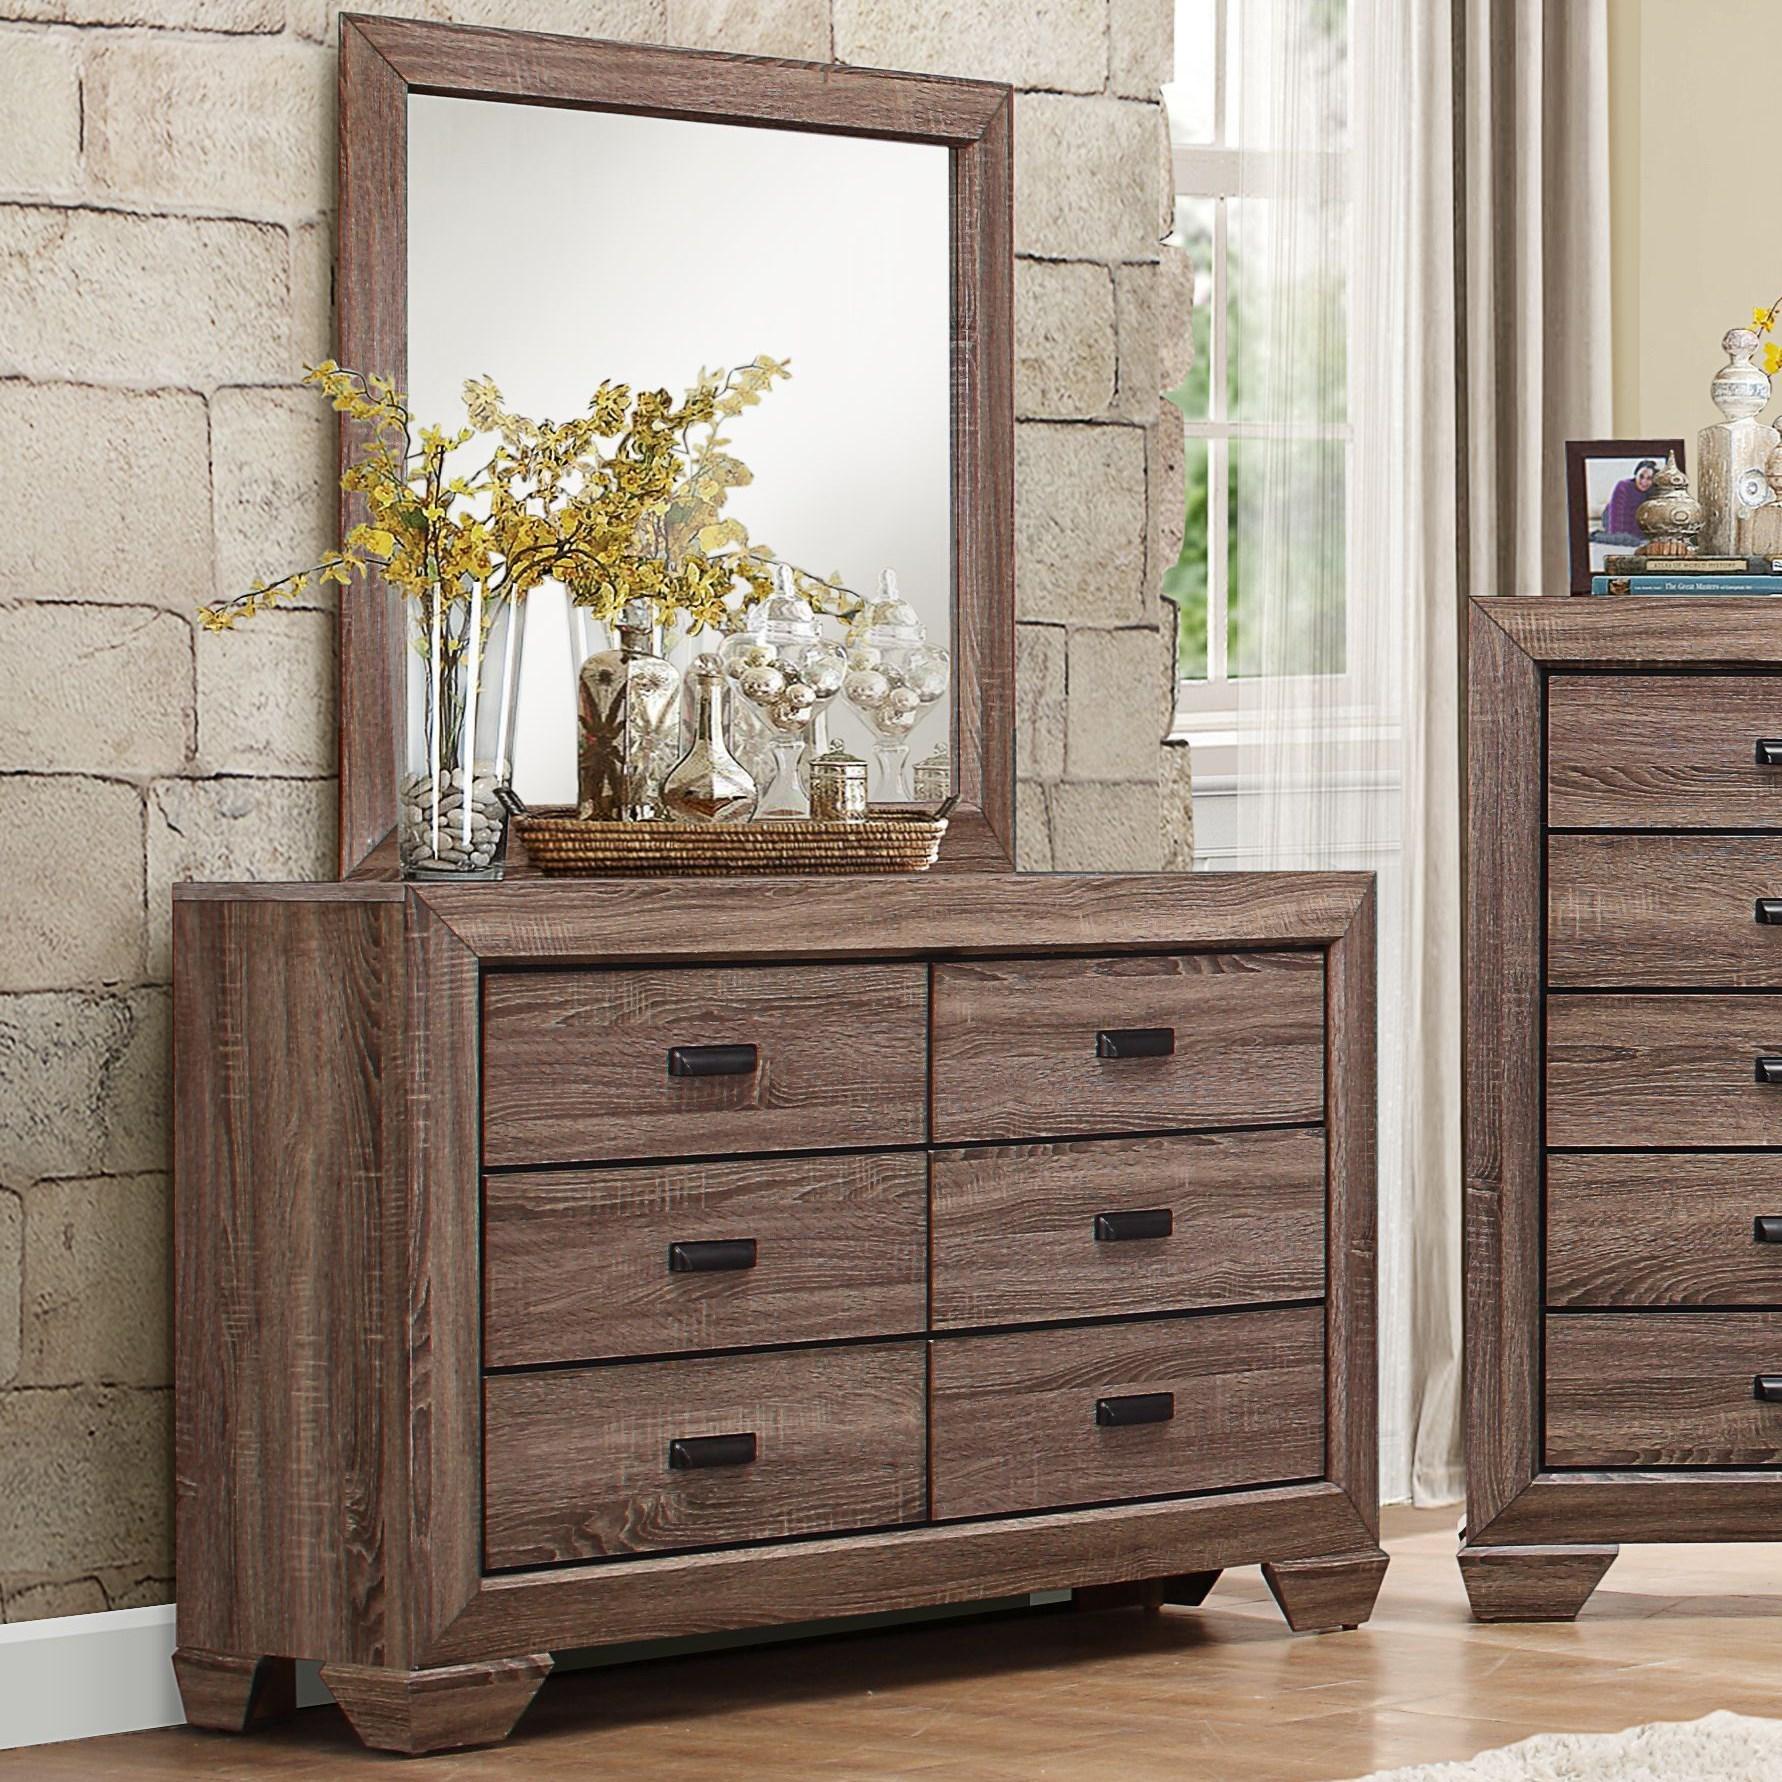 Modern 6-Drawer Dresser and Mirror